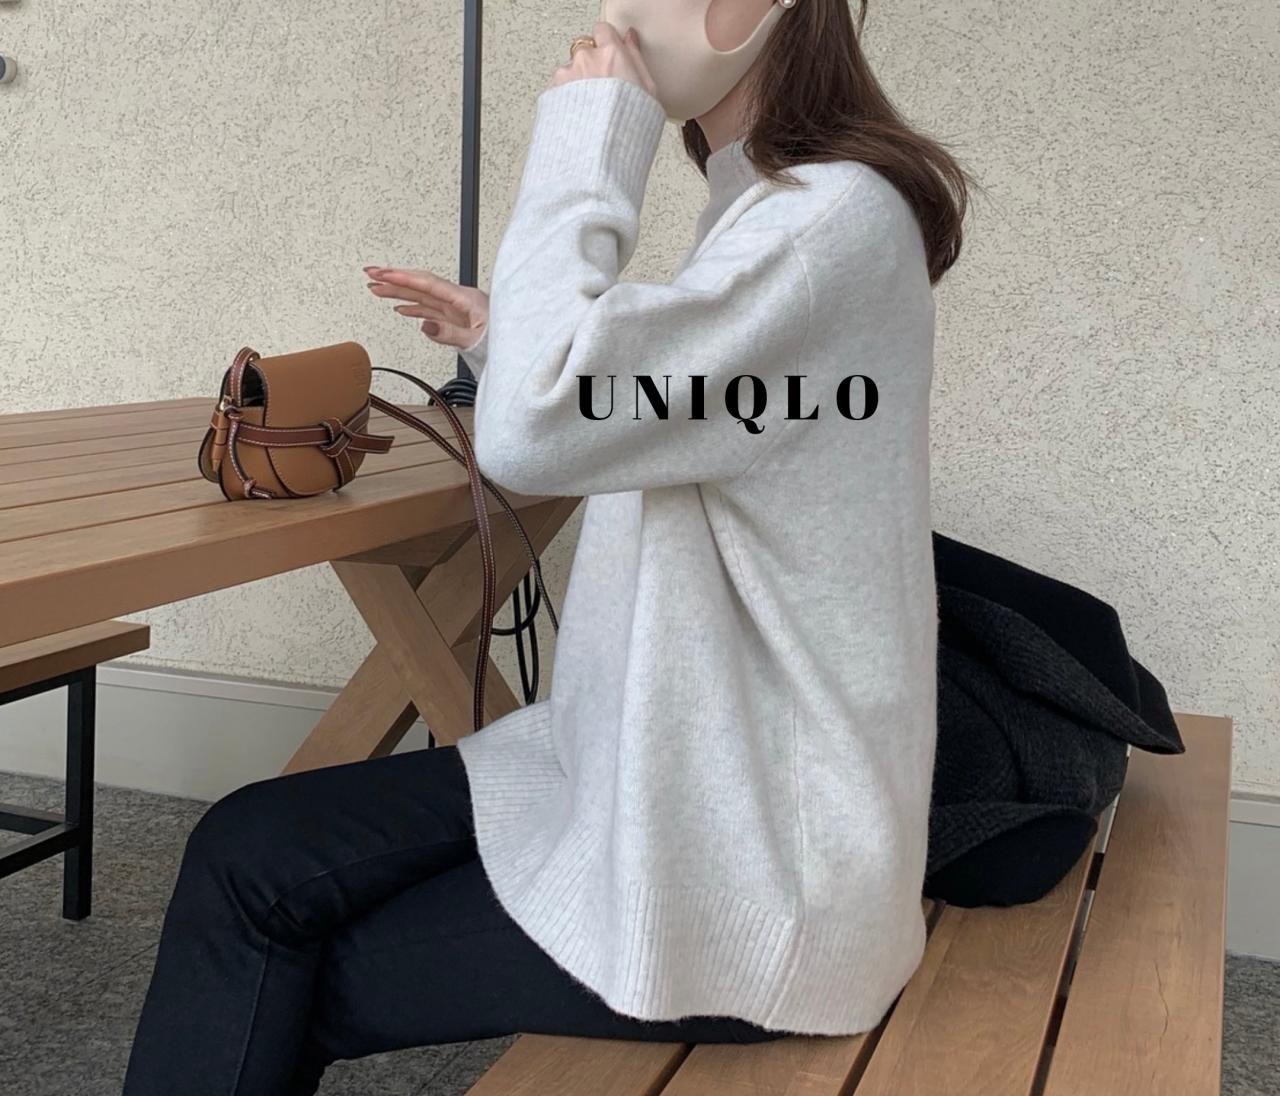 【UNIQLO】¥1,990今季一押しふわふわニット着回し